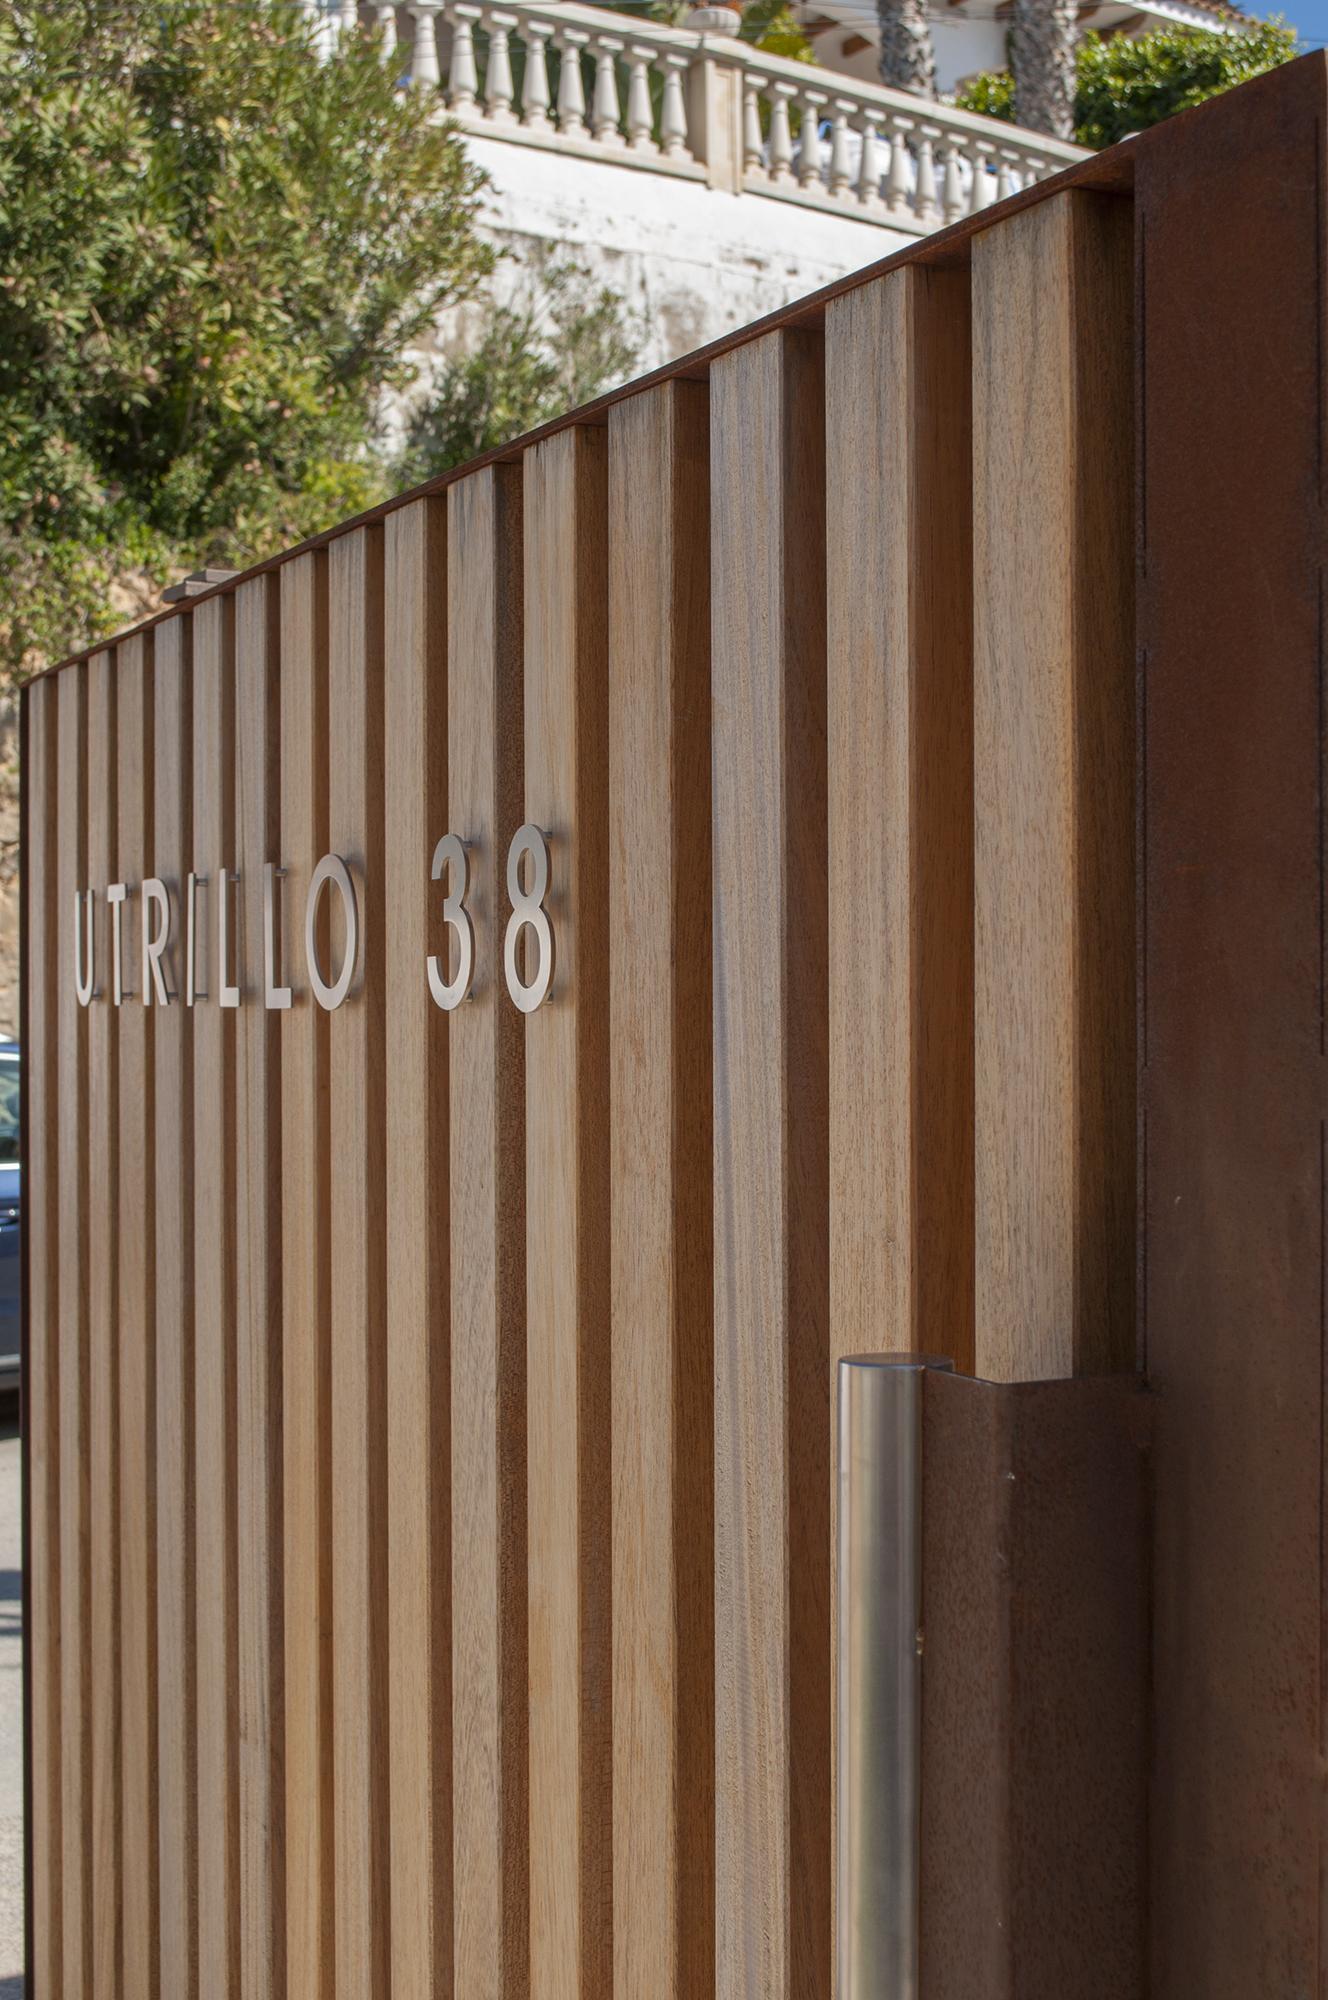 3-rardo-architects-houses-sitges-elevation-entrance-wood-fence